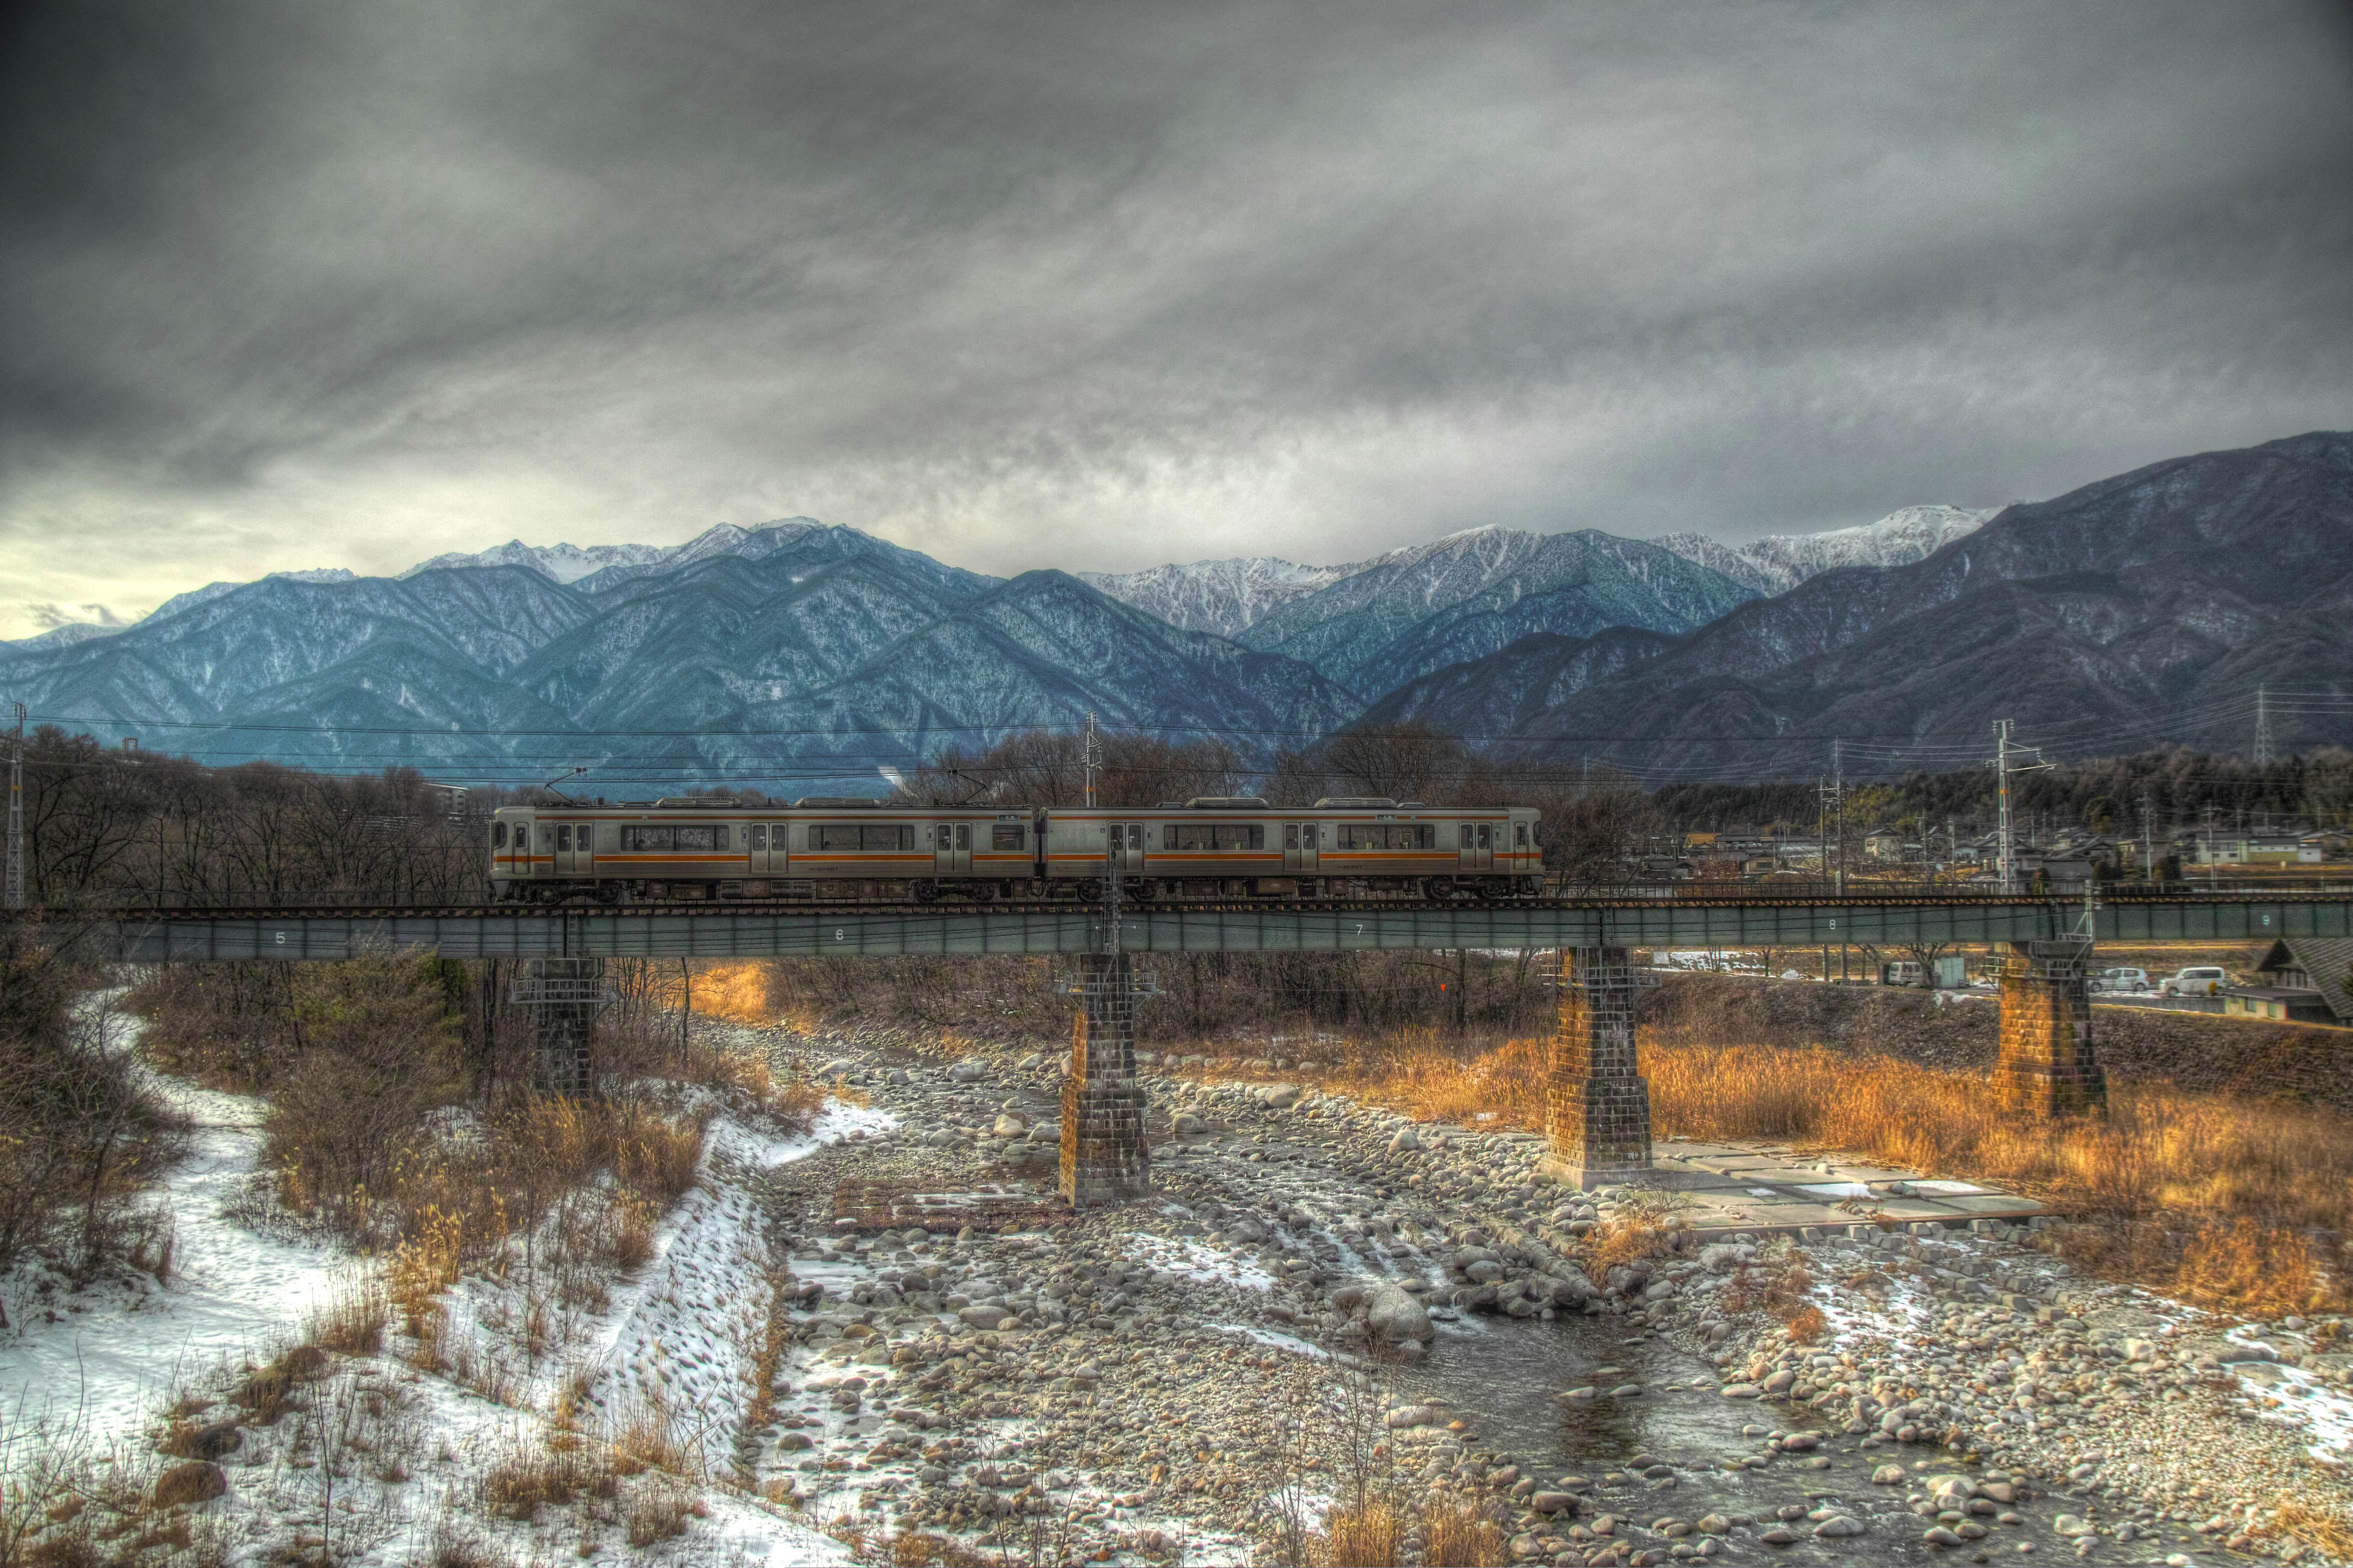 冬の中央アルプスと飯田線HDR_compressed